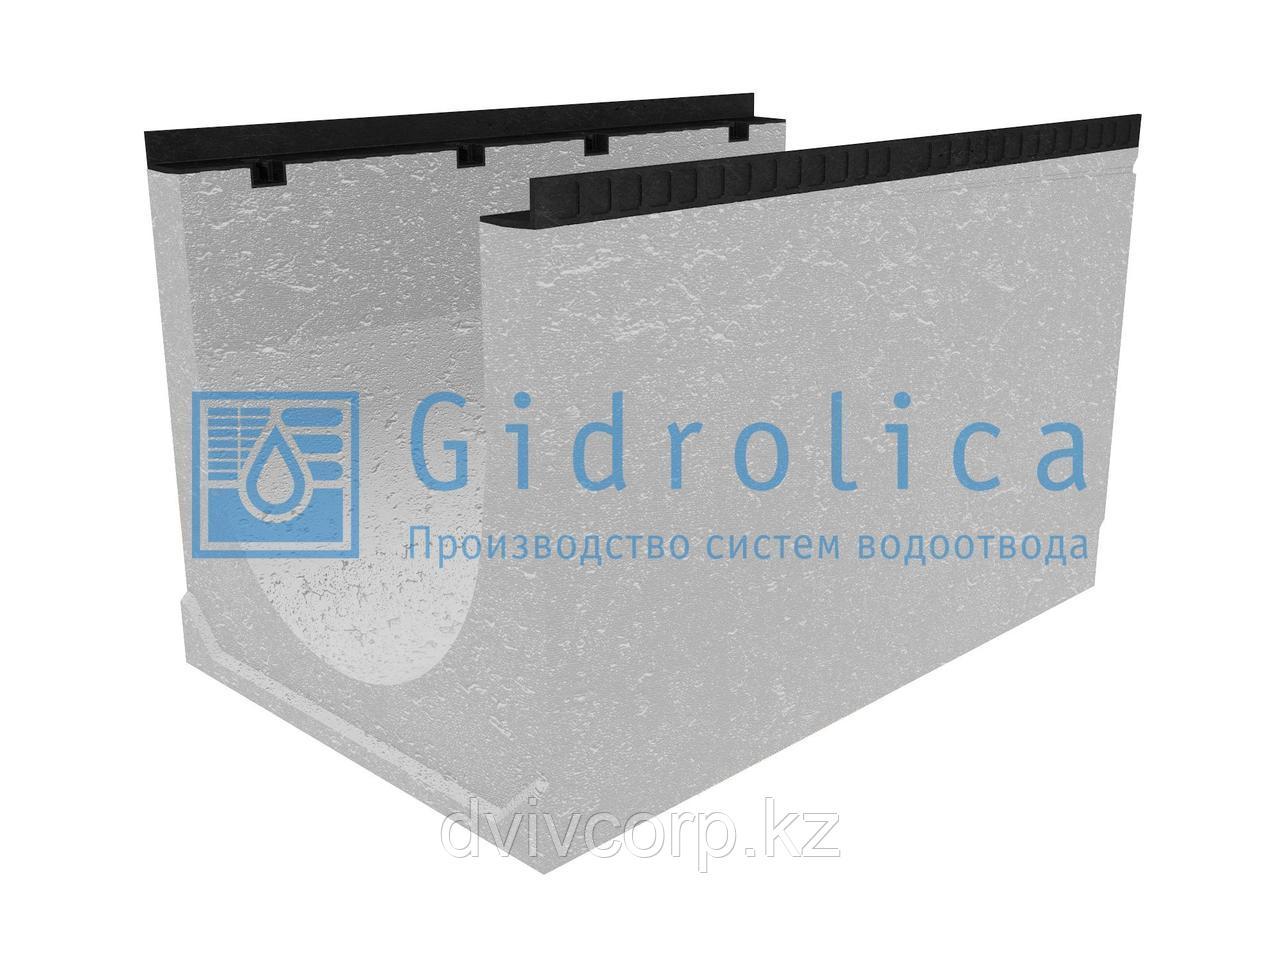 Лоток водоотводный бетонный коробчатый (СО-500мм), с уклоном 0,5%  КUу 100.65(50).64(55) - BGМ, № 38